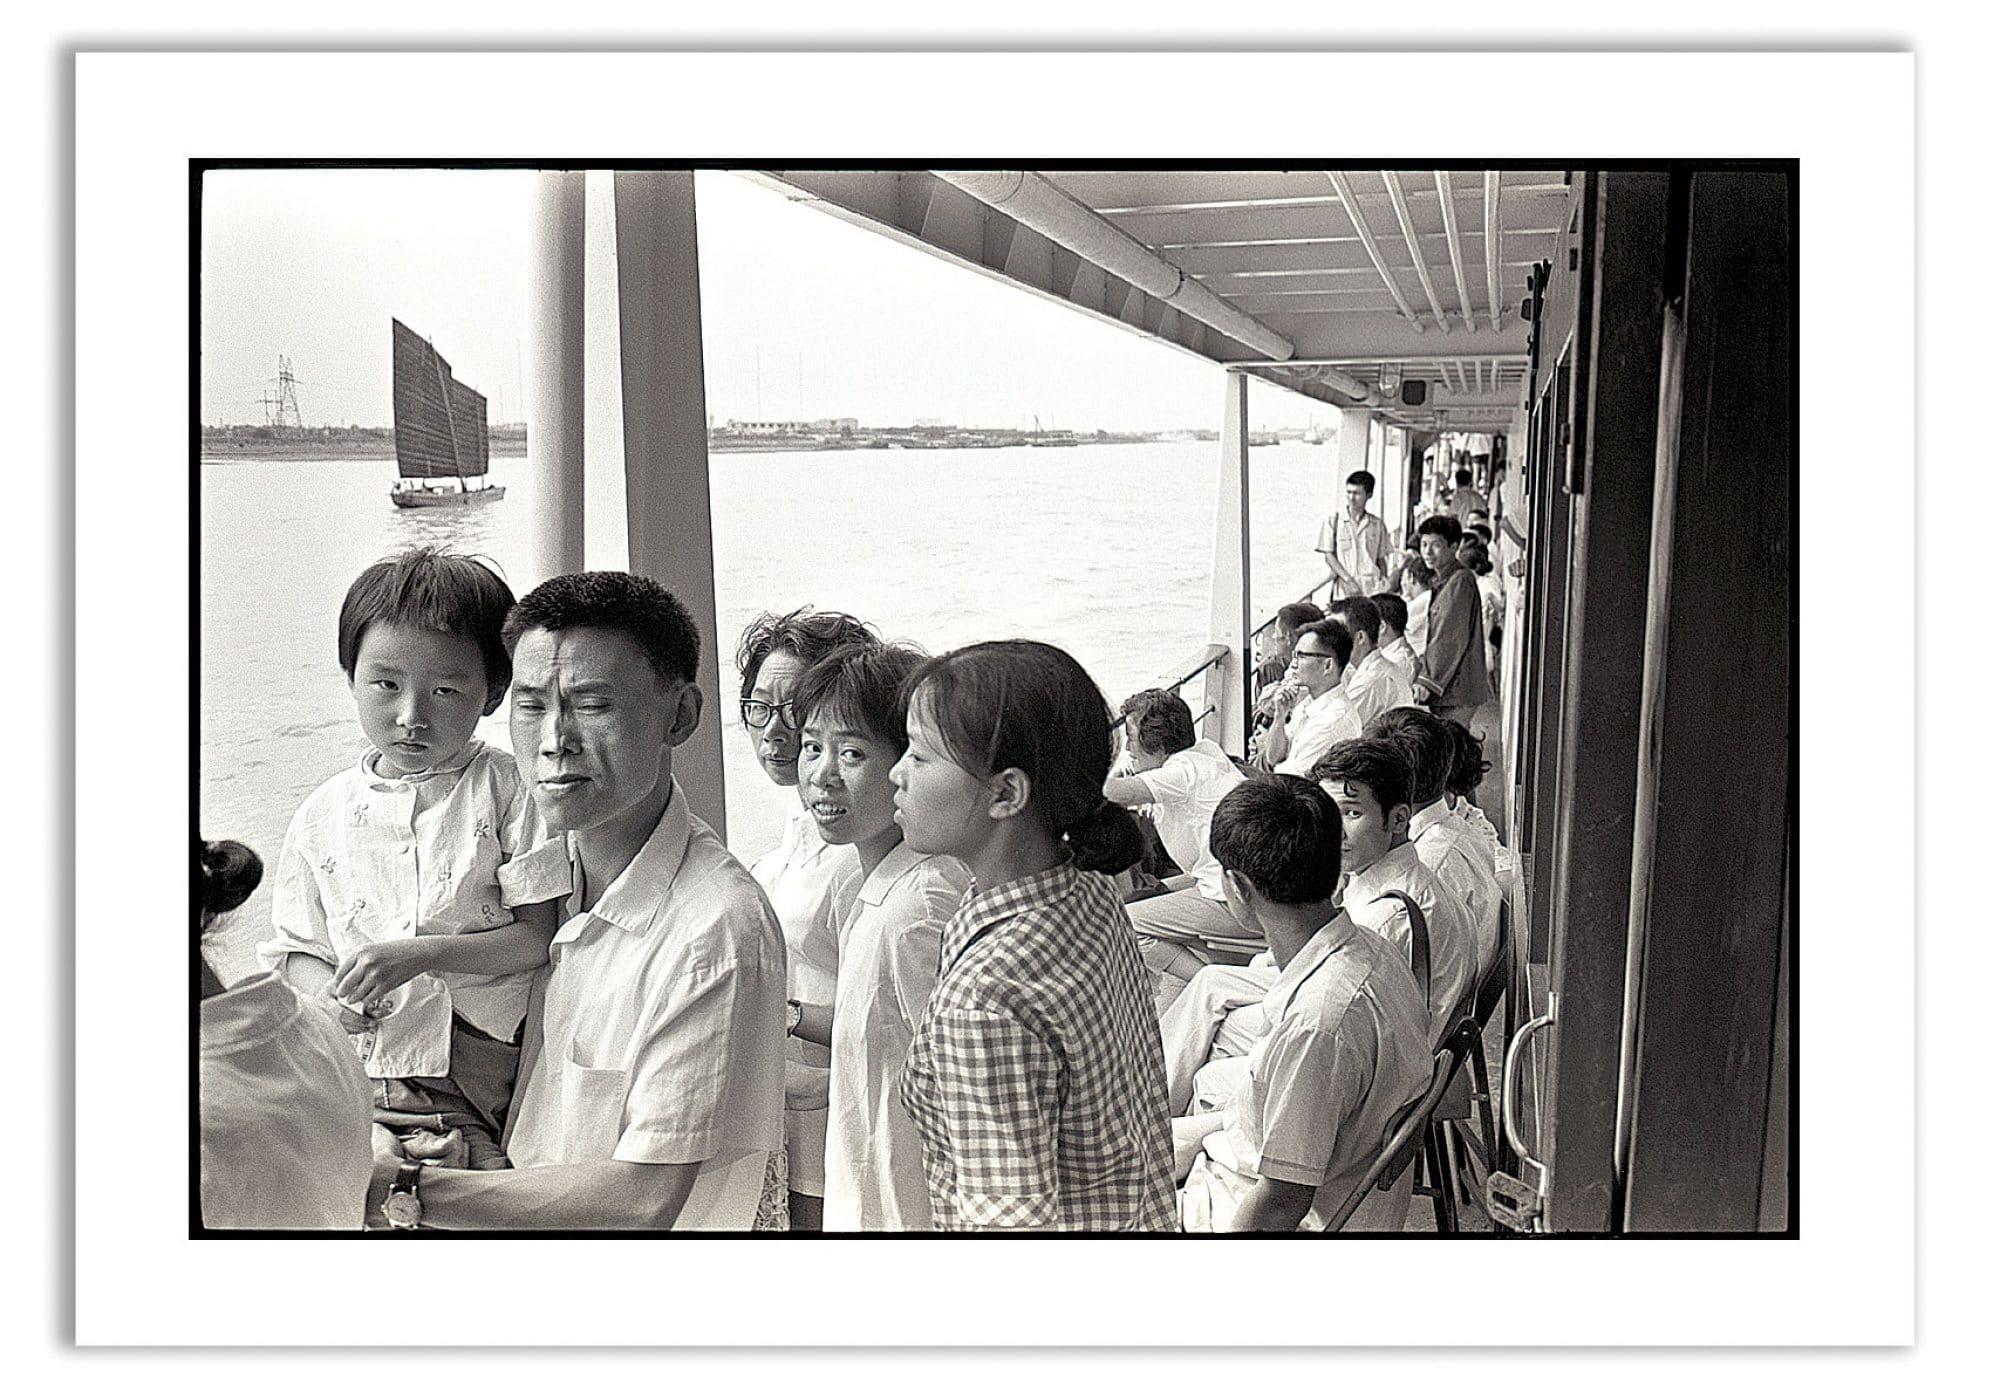 johnchao.com